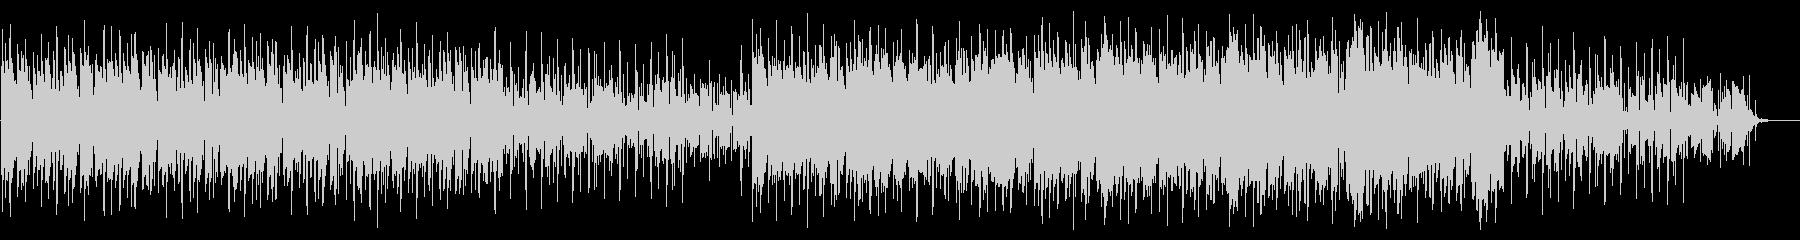 グリッチ、シーケンス_ノイズ減の未再生の波形